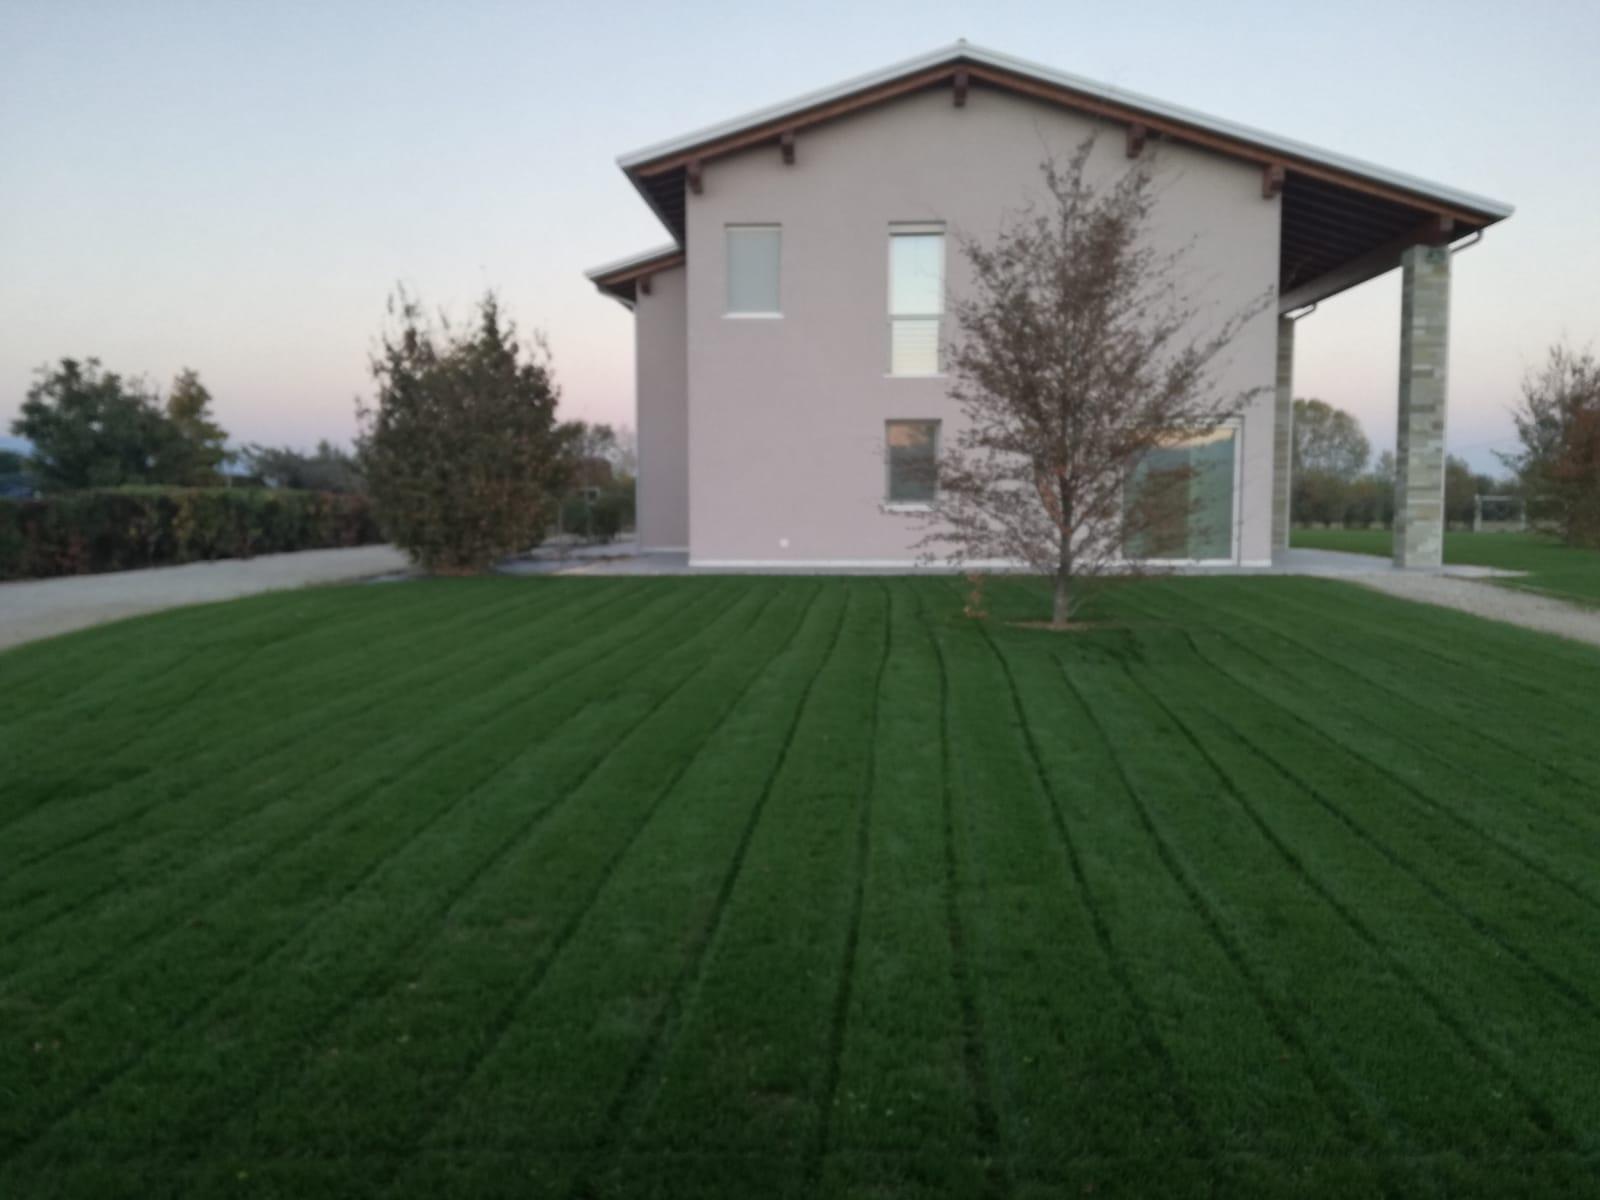 progettazione realizzazione giardini villaverla - verde blu giardini 12